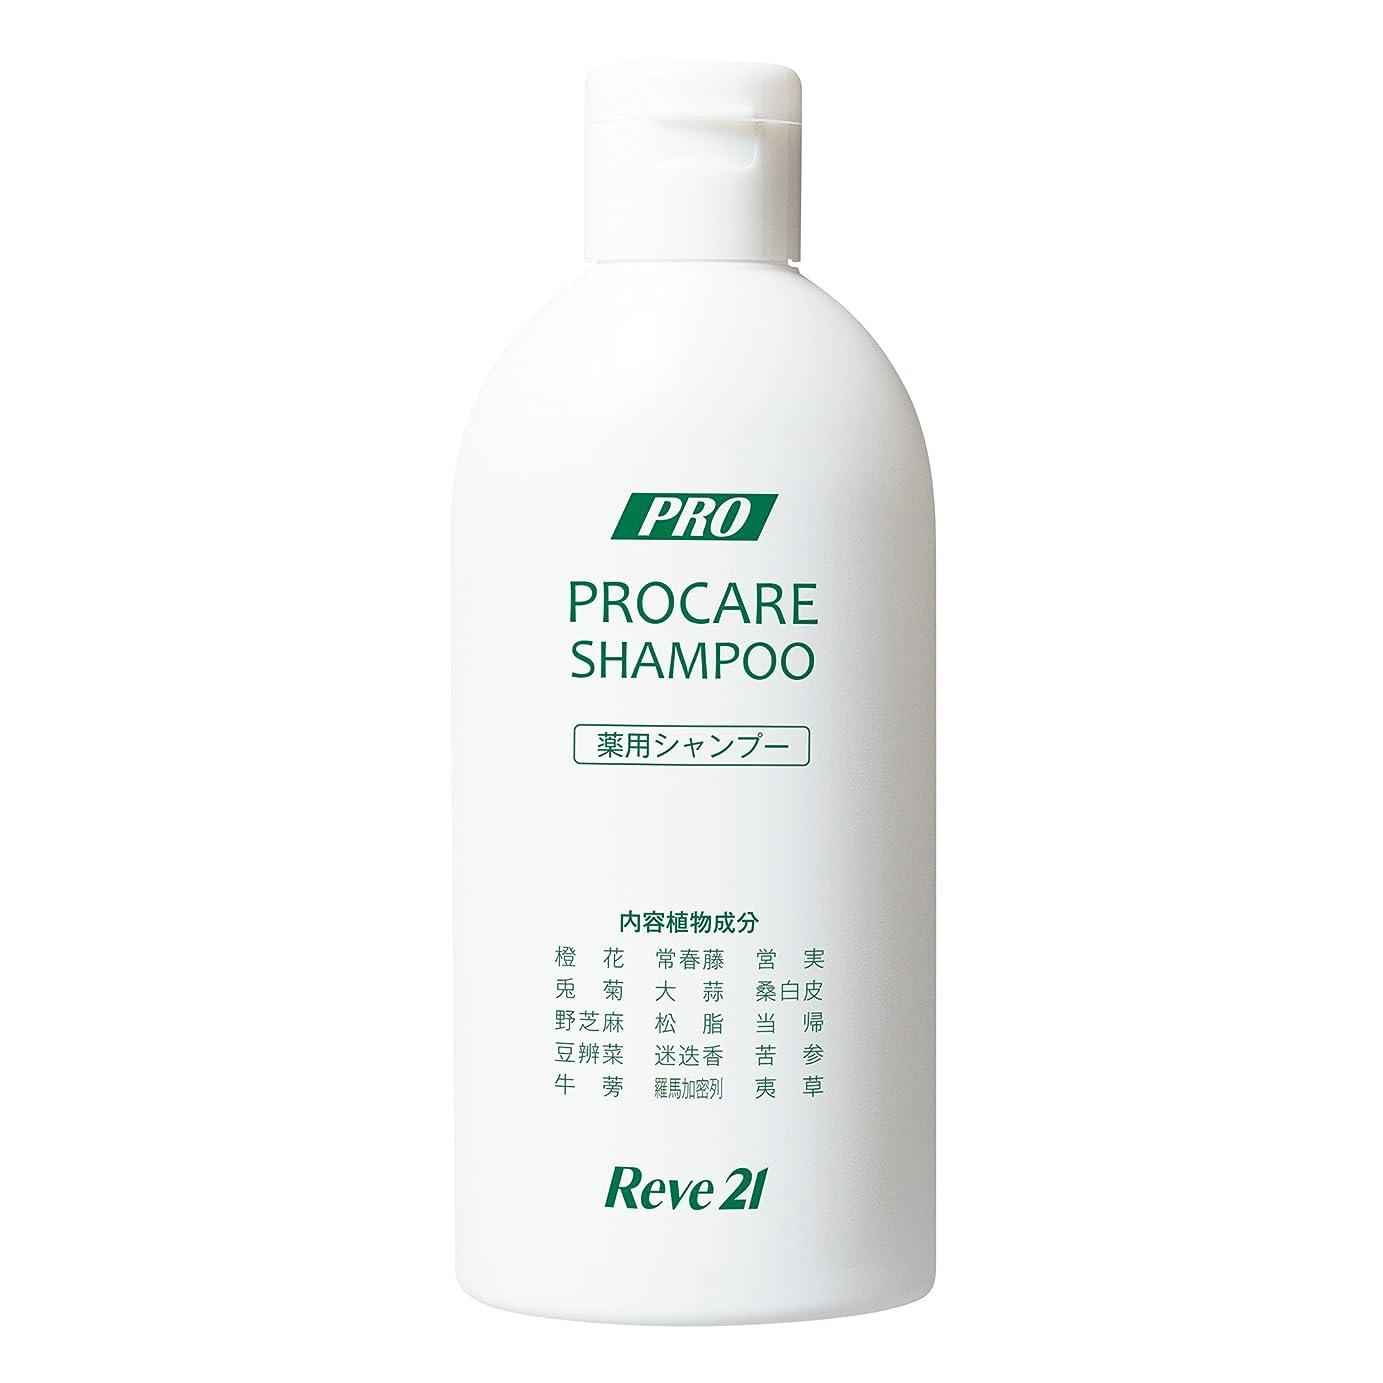 かりてアルファベット順びっくりした発毛専門リーブ21 [医薬部外品] 薬用プロケアシャンプー(200ml)